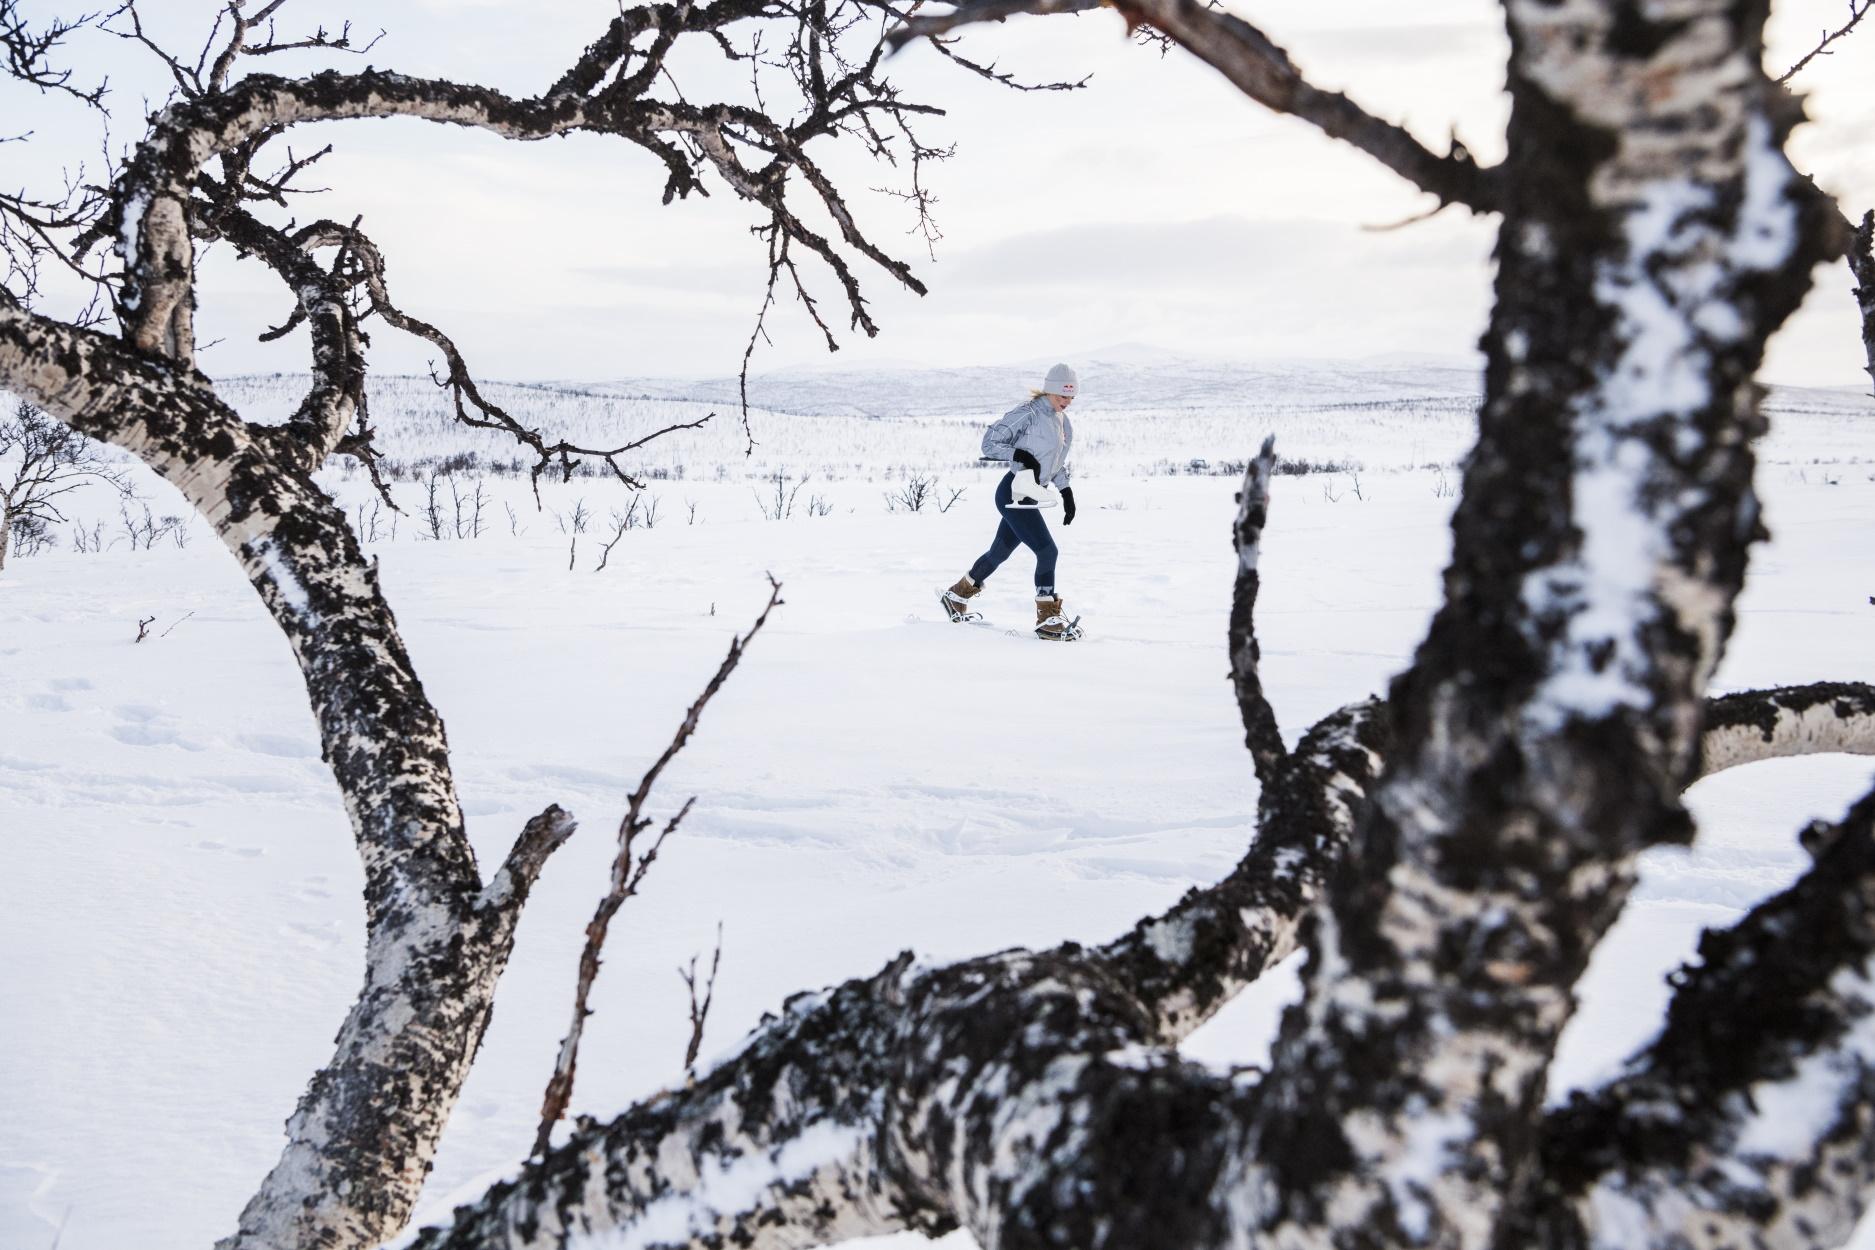 Κορονοϊός: Πόσο μειώθηκαν οι ατμοσφαιρικοί ρύποι στην Ευρώπη λόγω καραντίνας